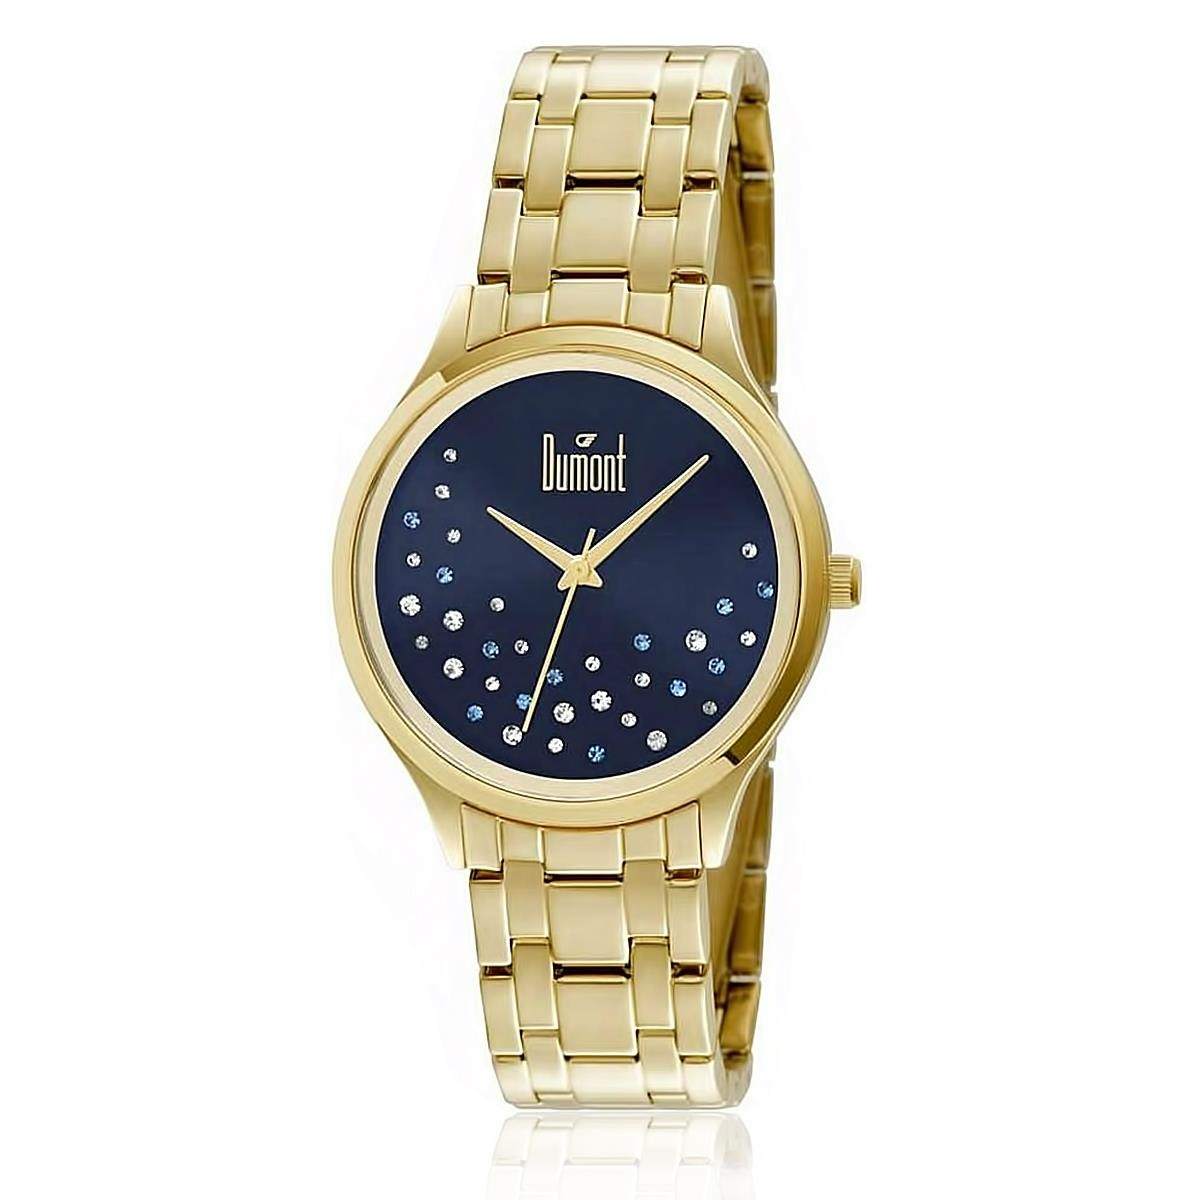 Relógio Feminino Dumont Analógico Du2036lst 4a Dourado - R  184,00 ... 84c6118e83